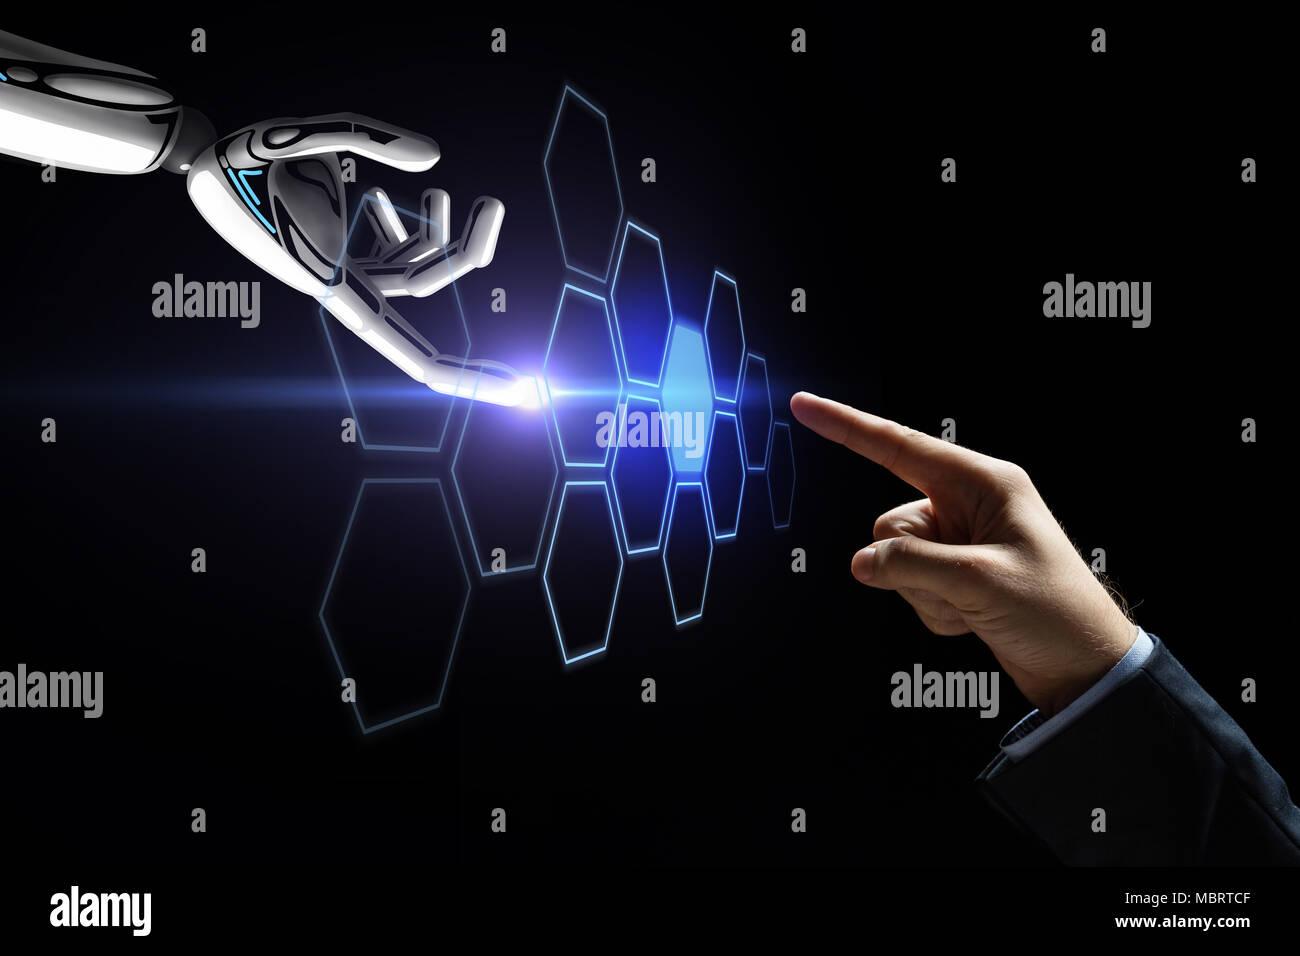 Roboter und menschliche Hand berühren Netzwerk Hologramm Stockbild